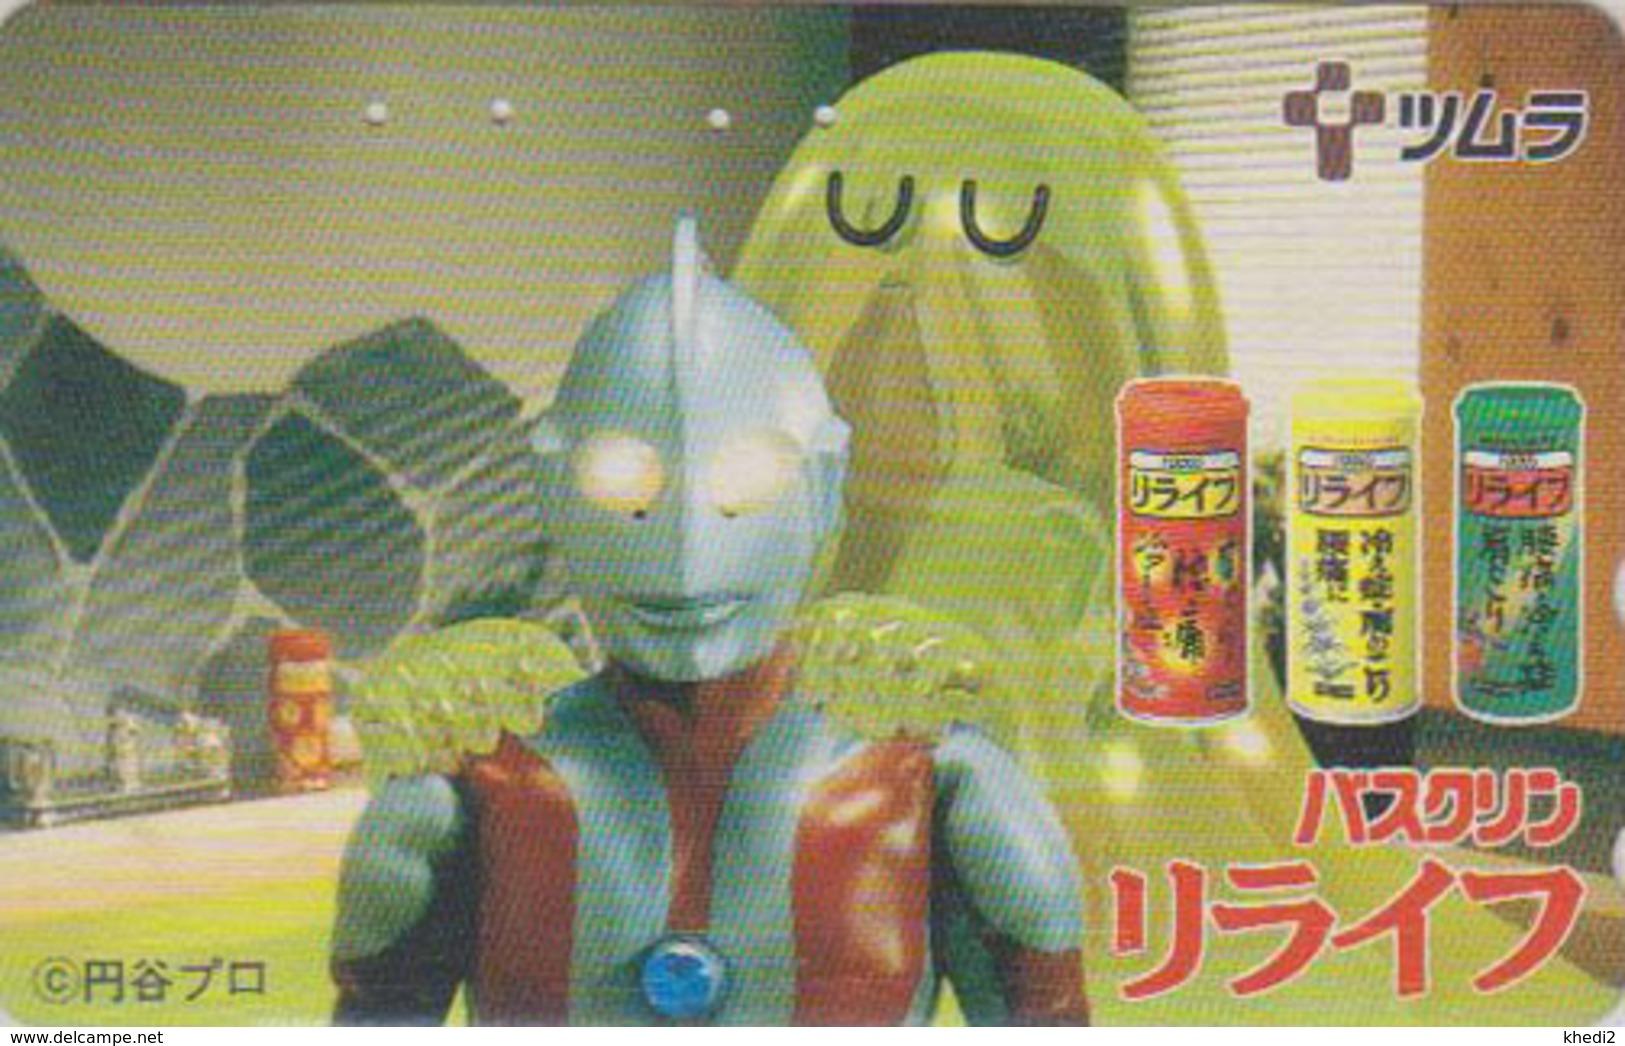 Télécarte Japon / 110-011 - MANGA - ULTRAMAN - ANIME Japan Phonecard - BD Comics Telefonkarte - 9101 - BD